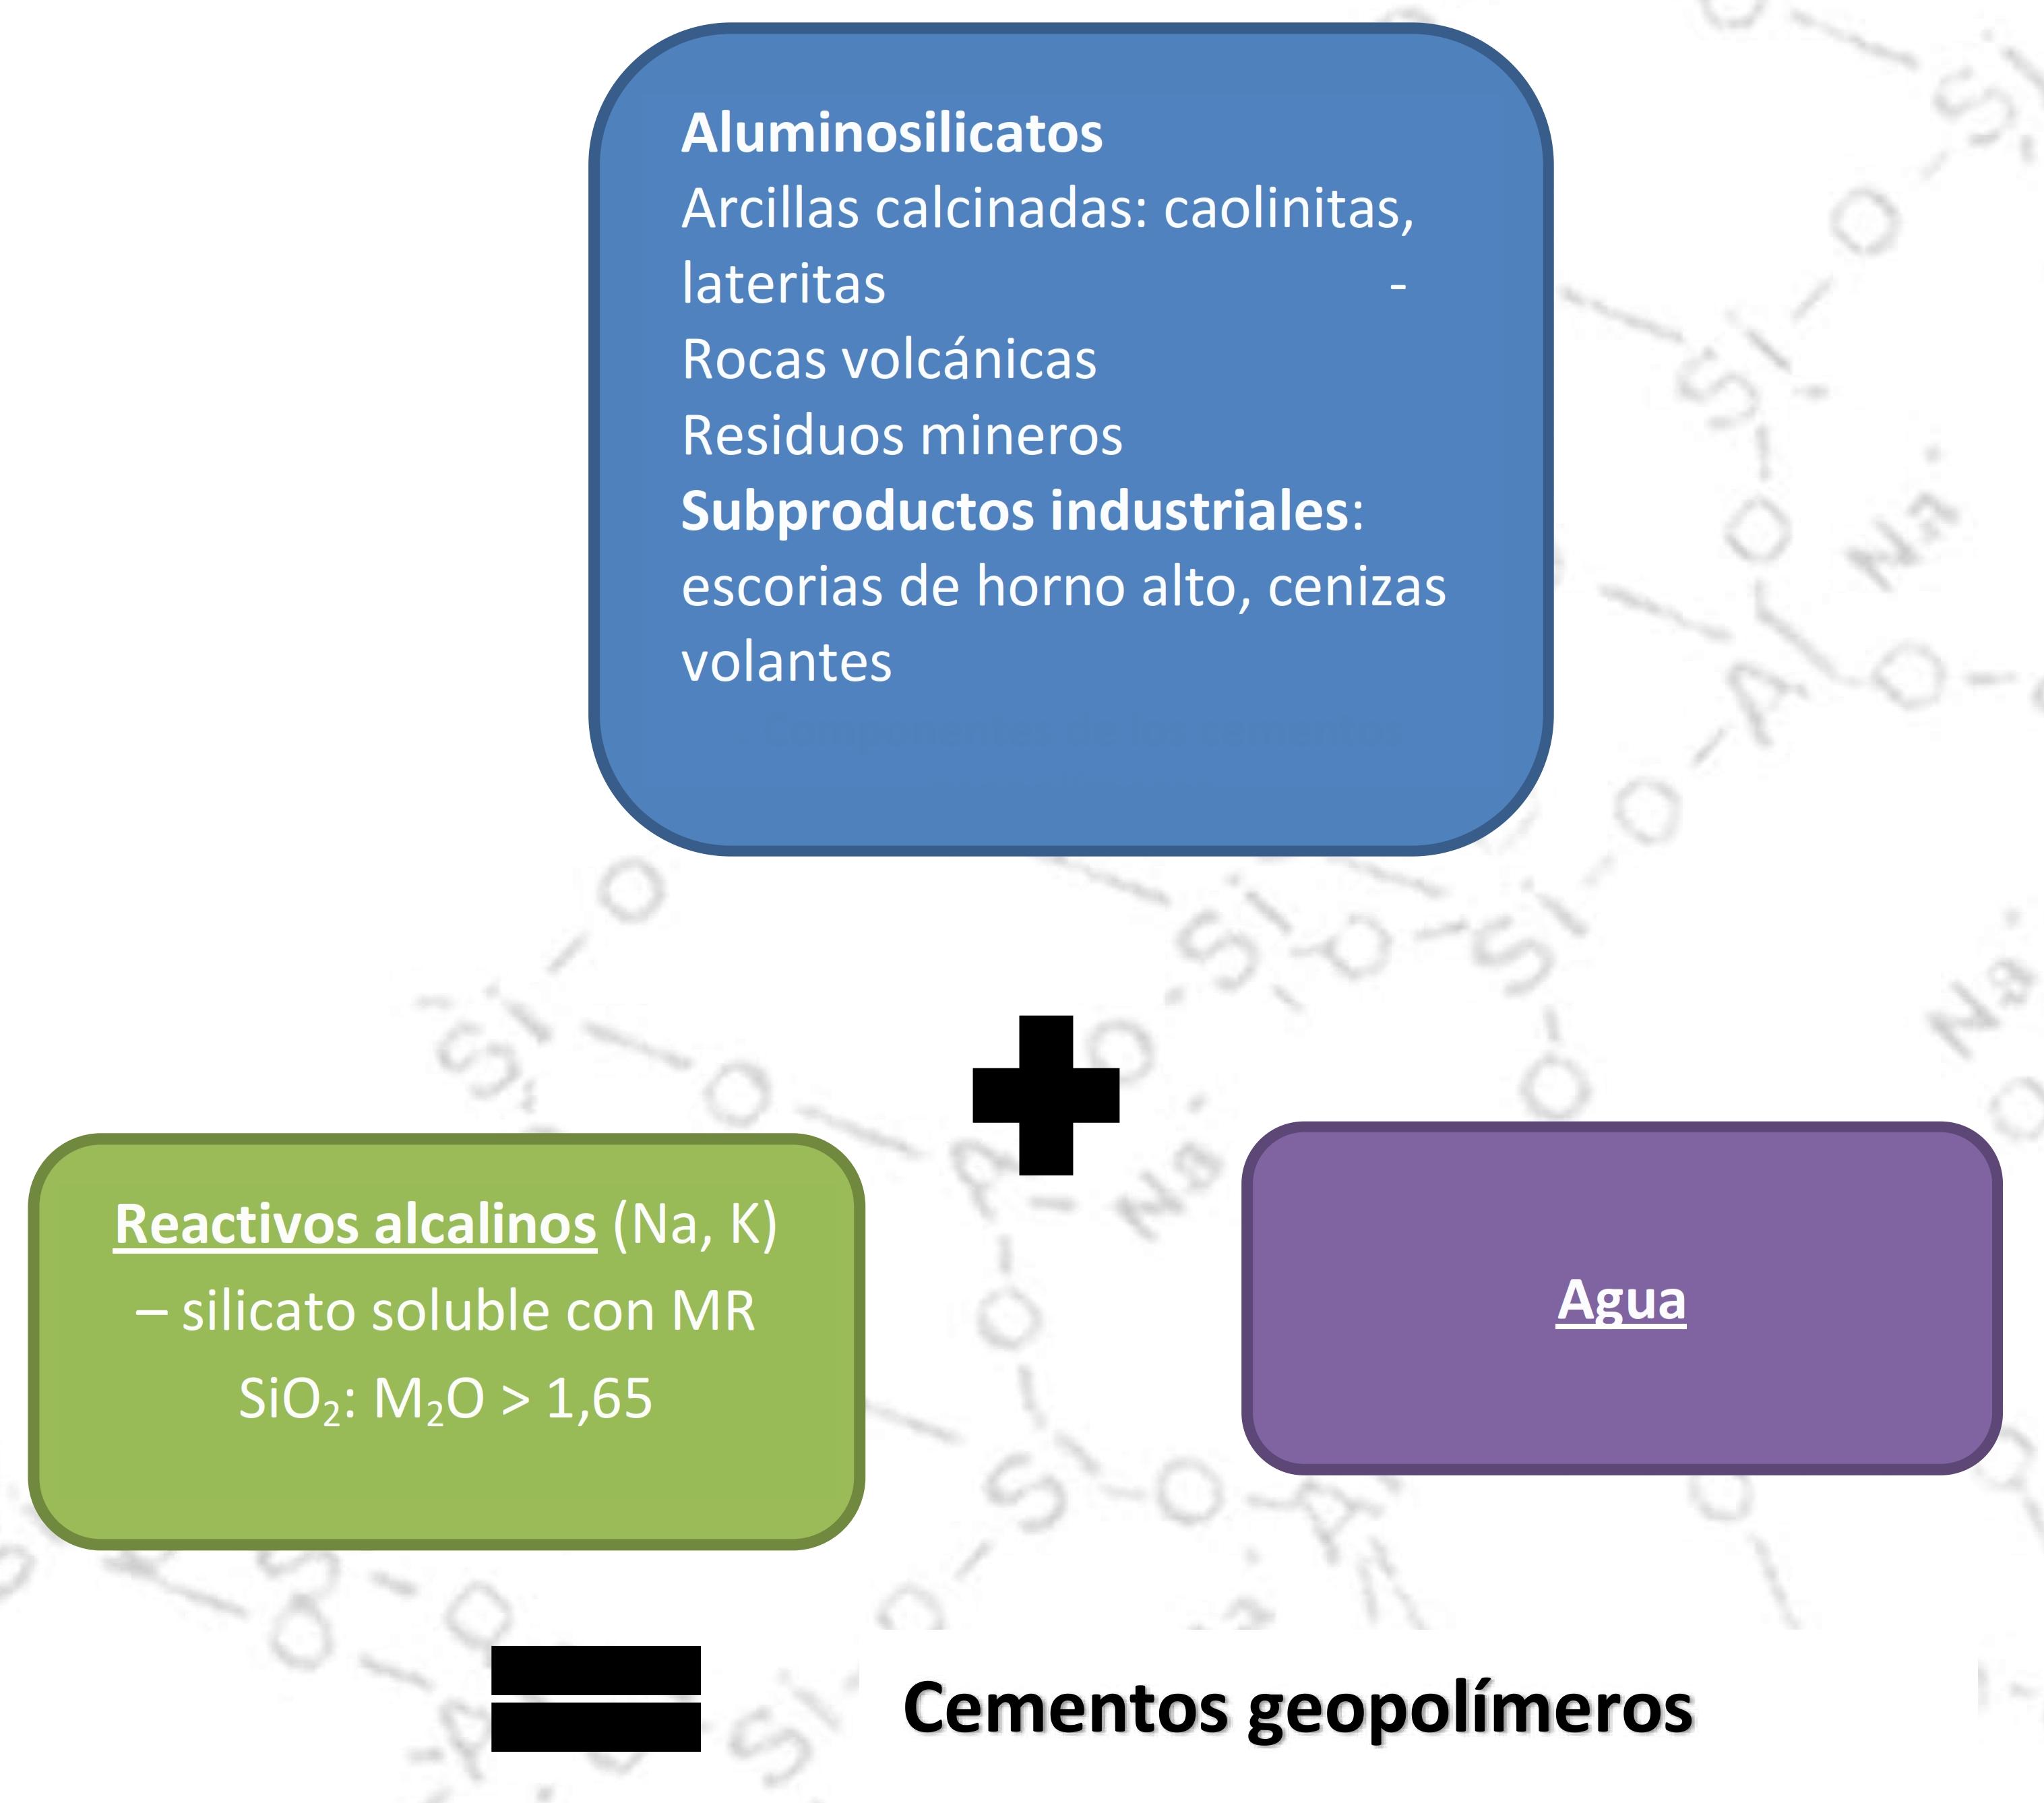 Materiales cementantes der activación alcalina (MAA, AAM): Geopolímeros